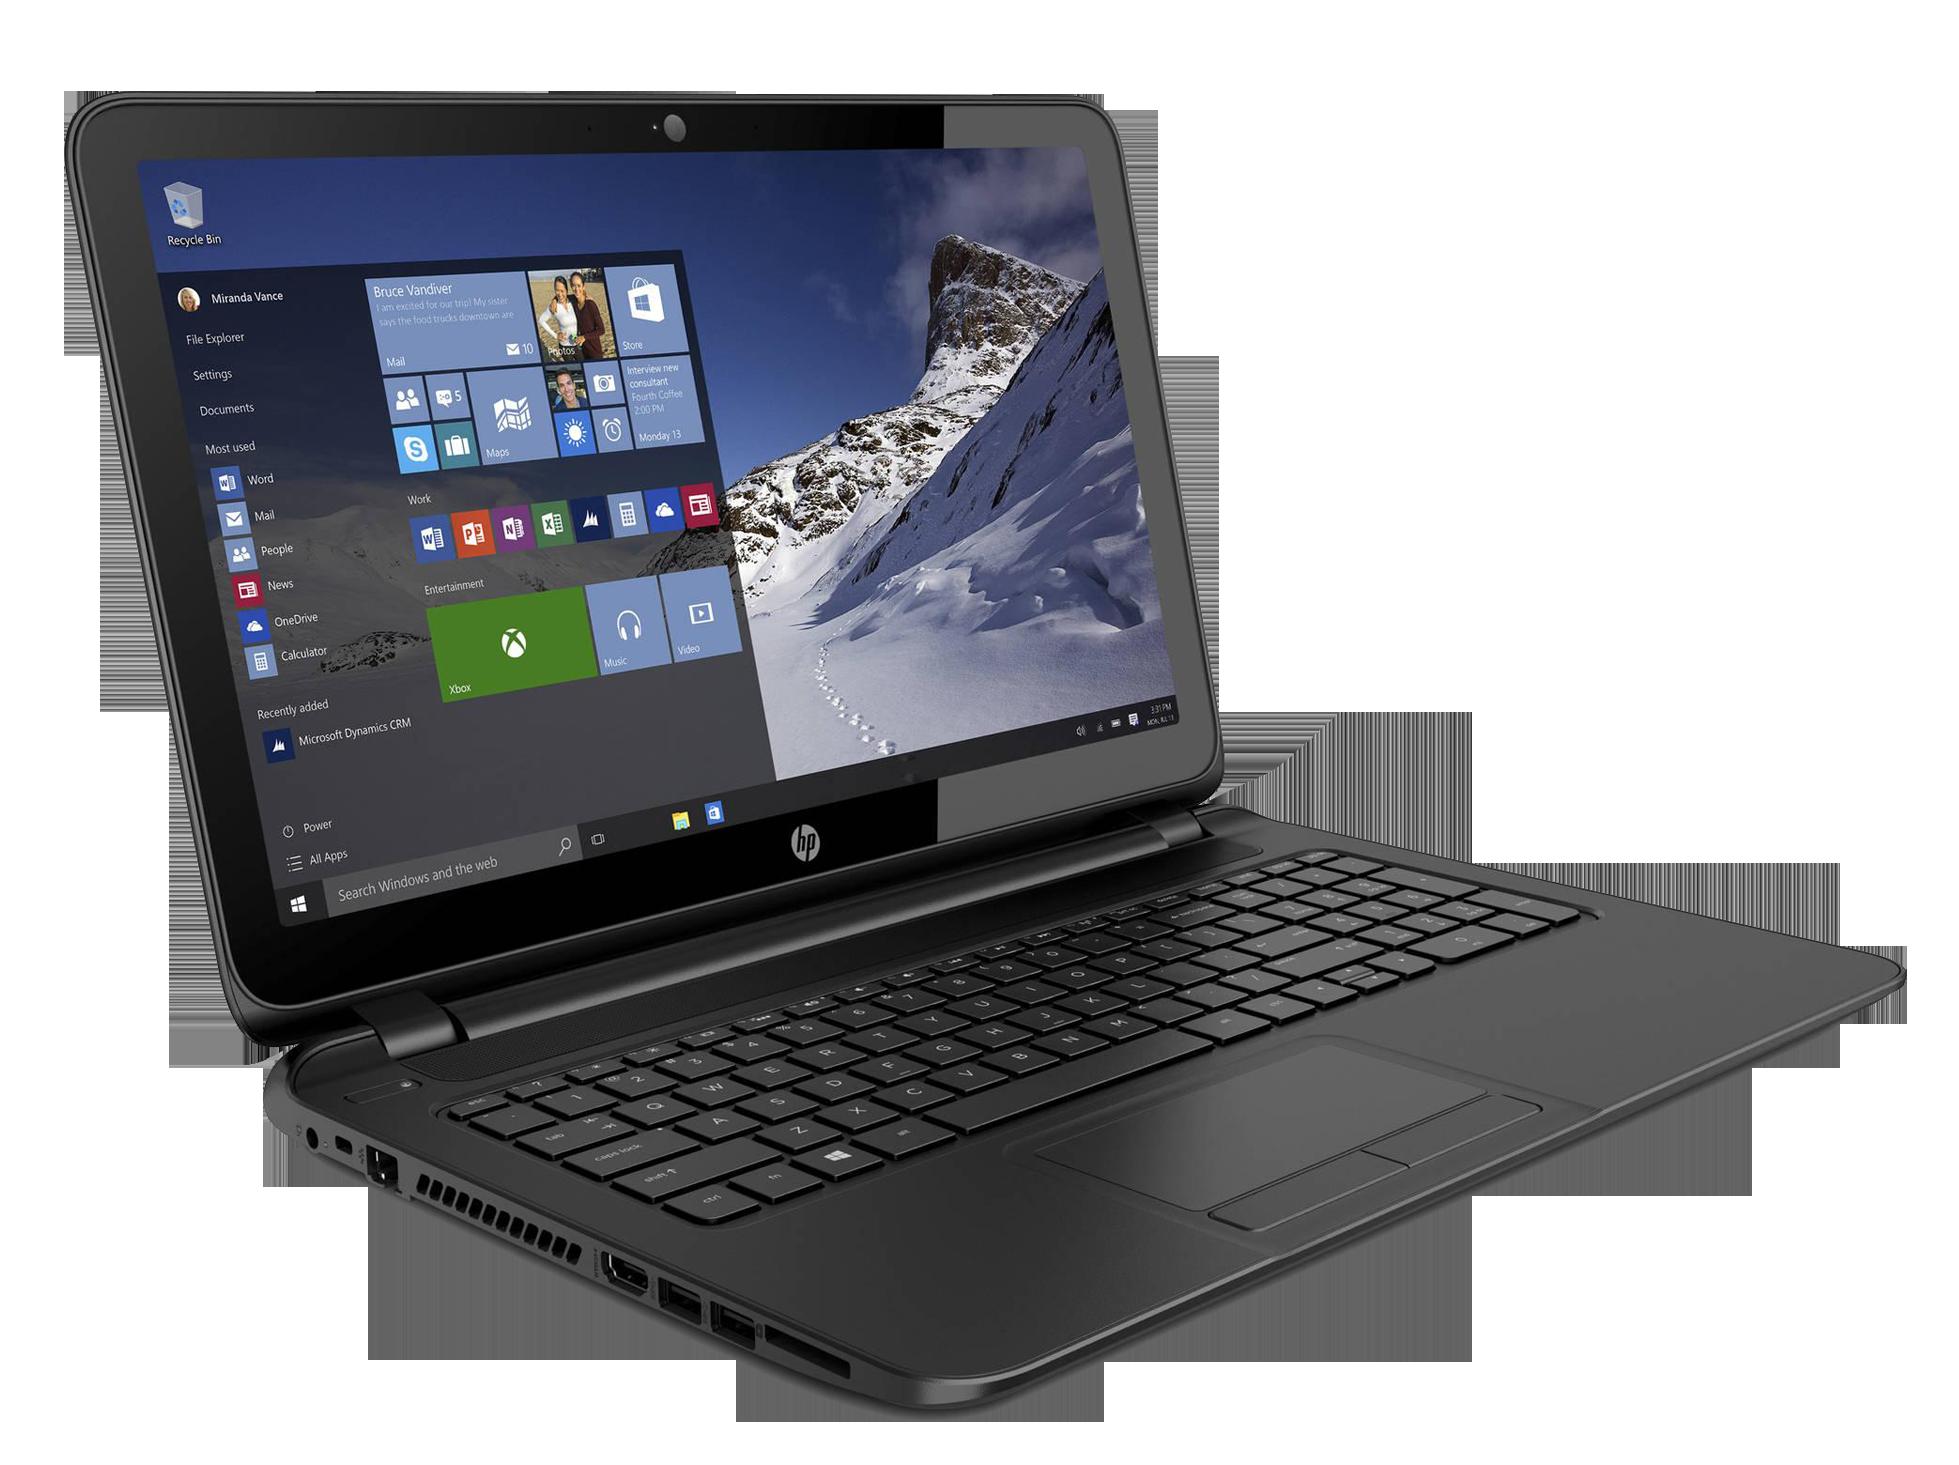 Laptop PNG - 8360